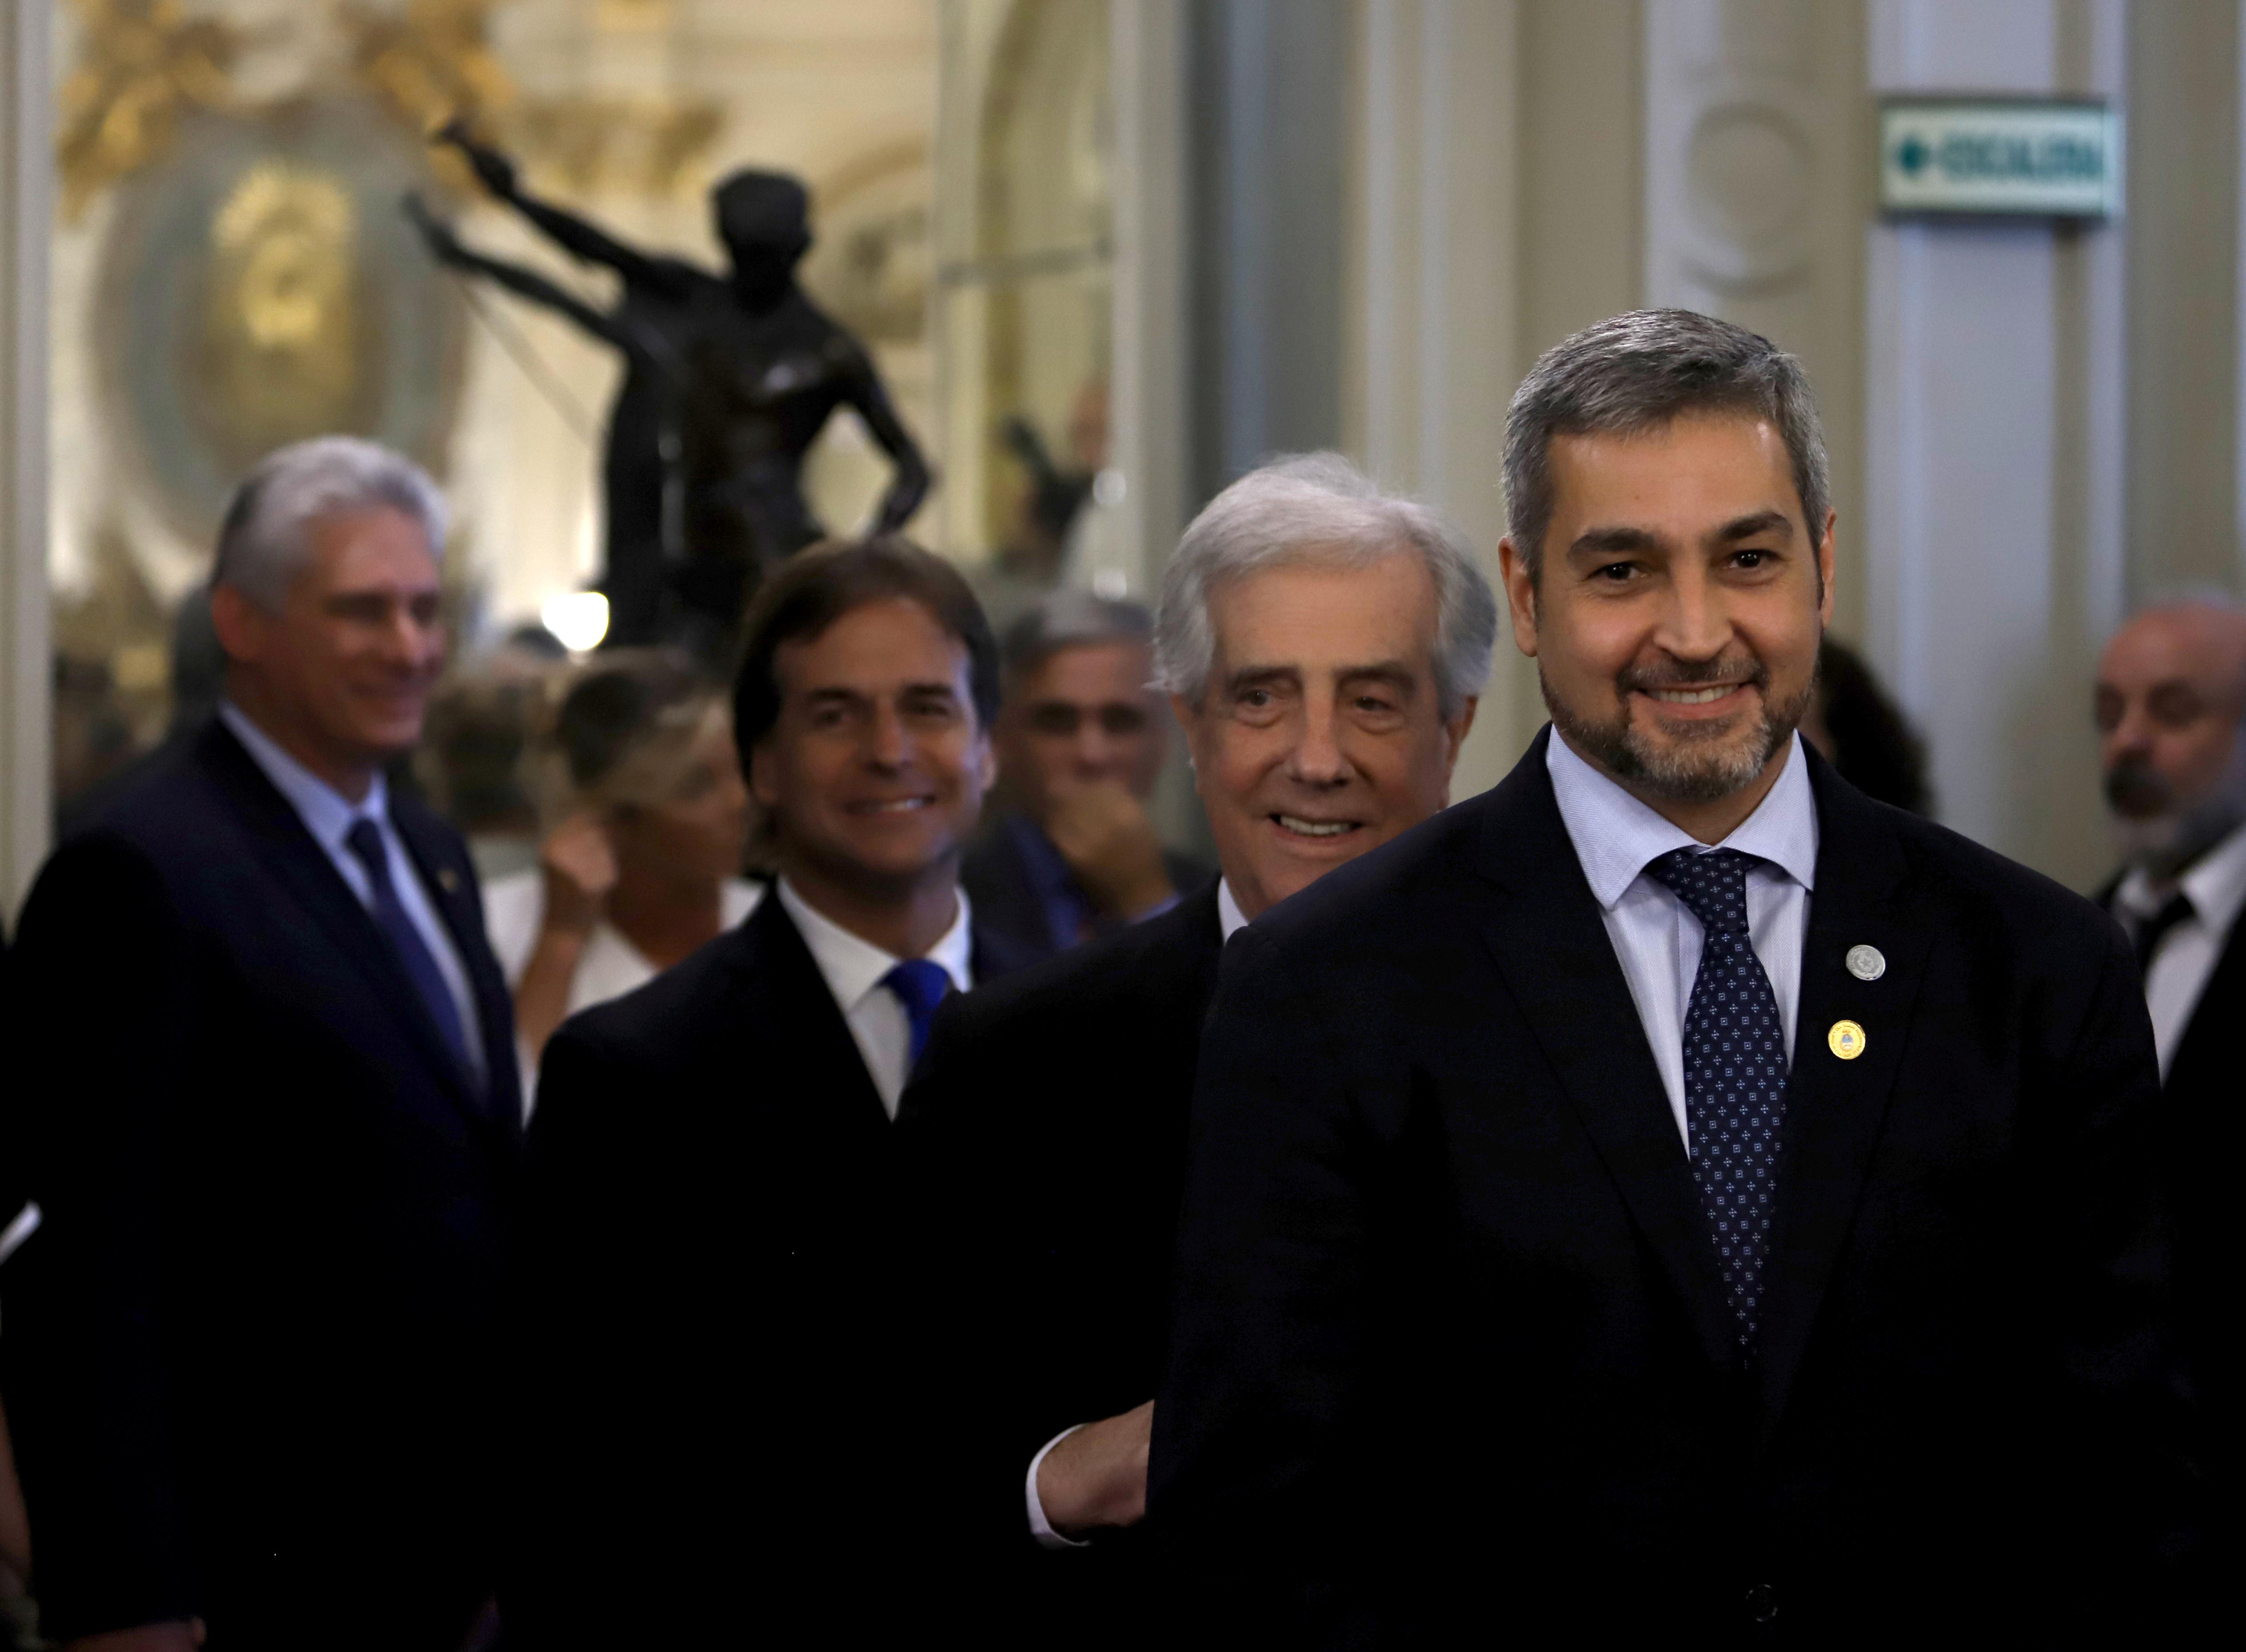 El presidente de Paraguay Mario Abdo Benitez. Detrás, su par de Uruguay Tabare Vazquez y su sucesor electo Luis Lacalle Pou (Reuters)